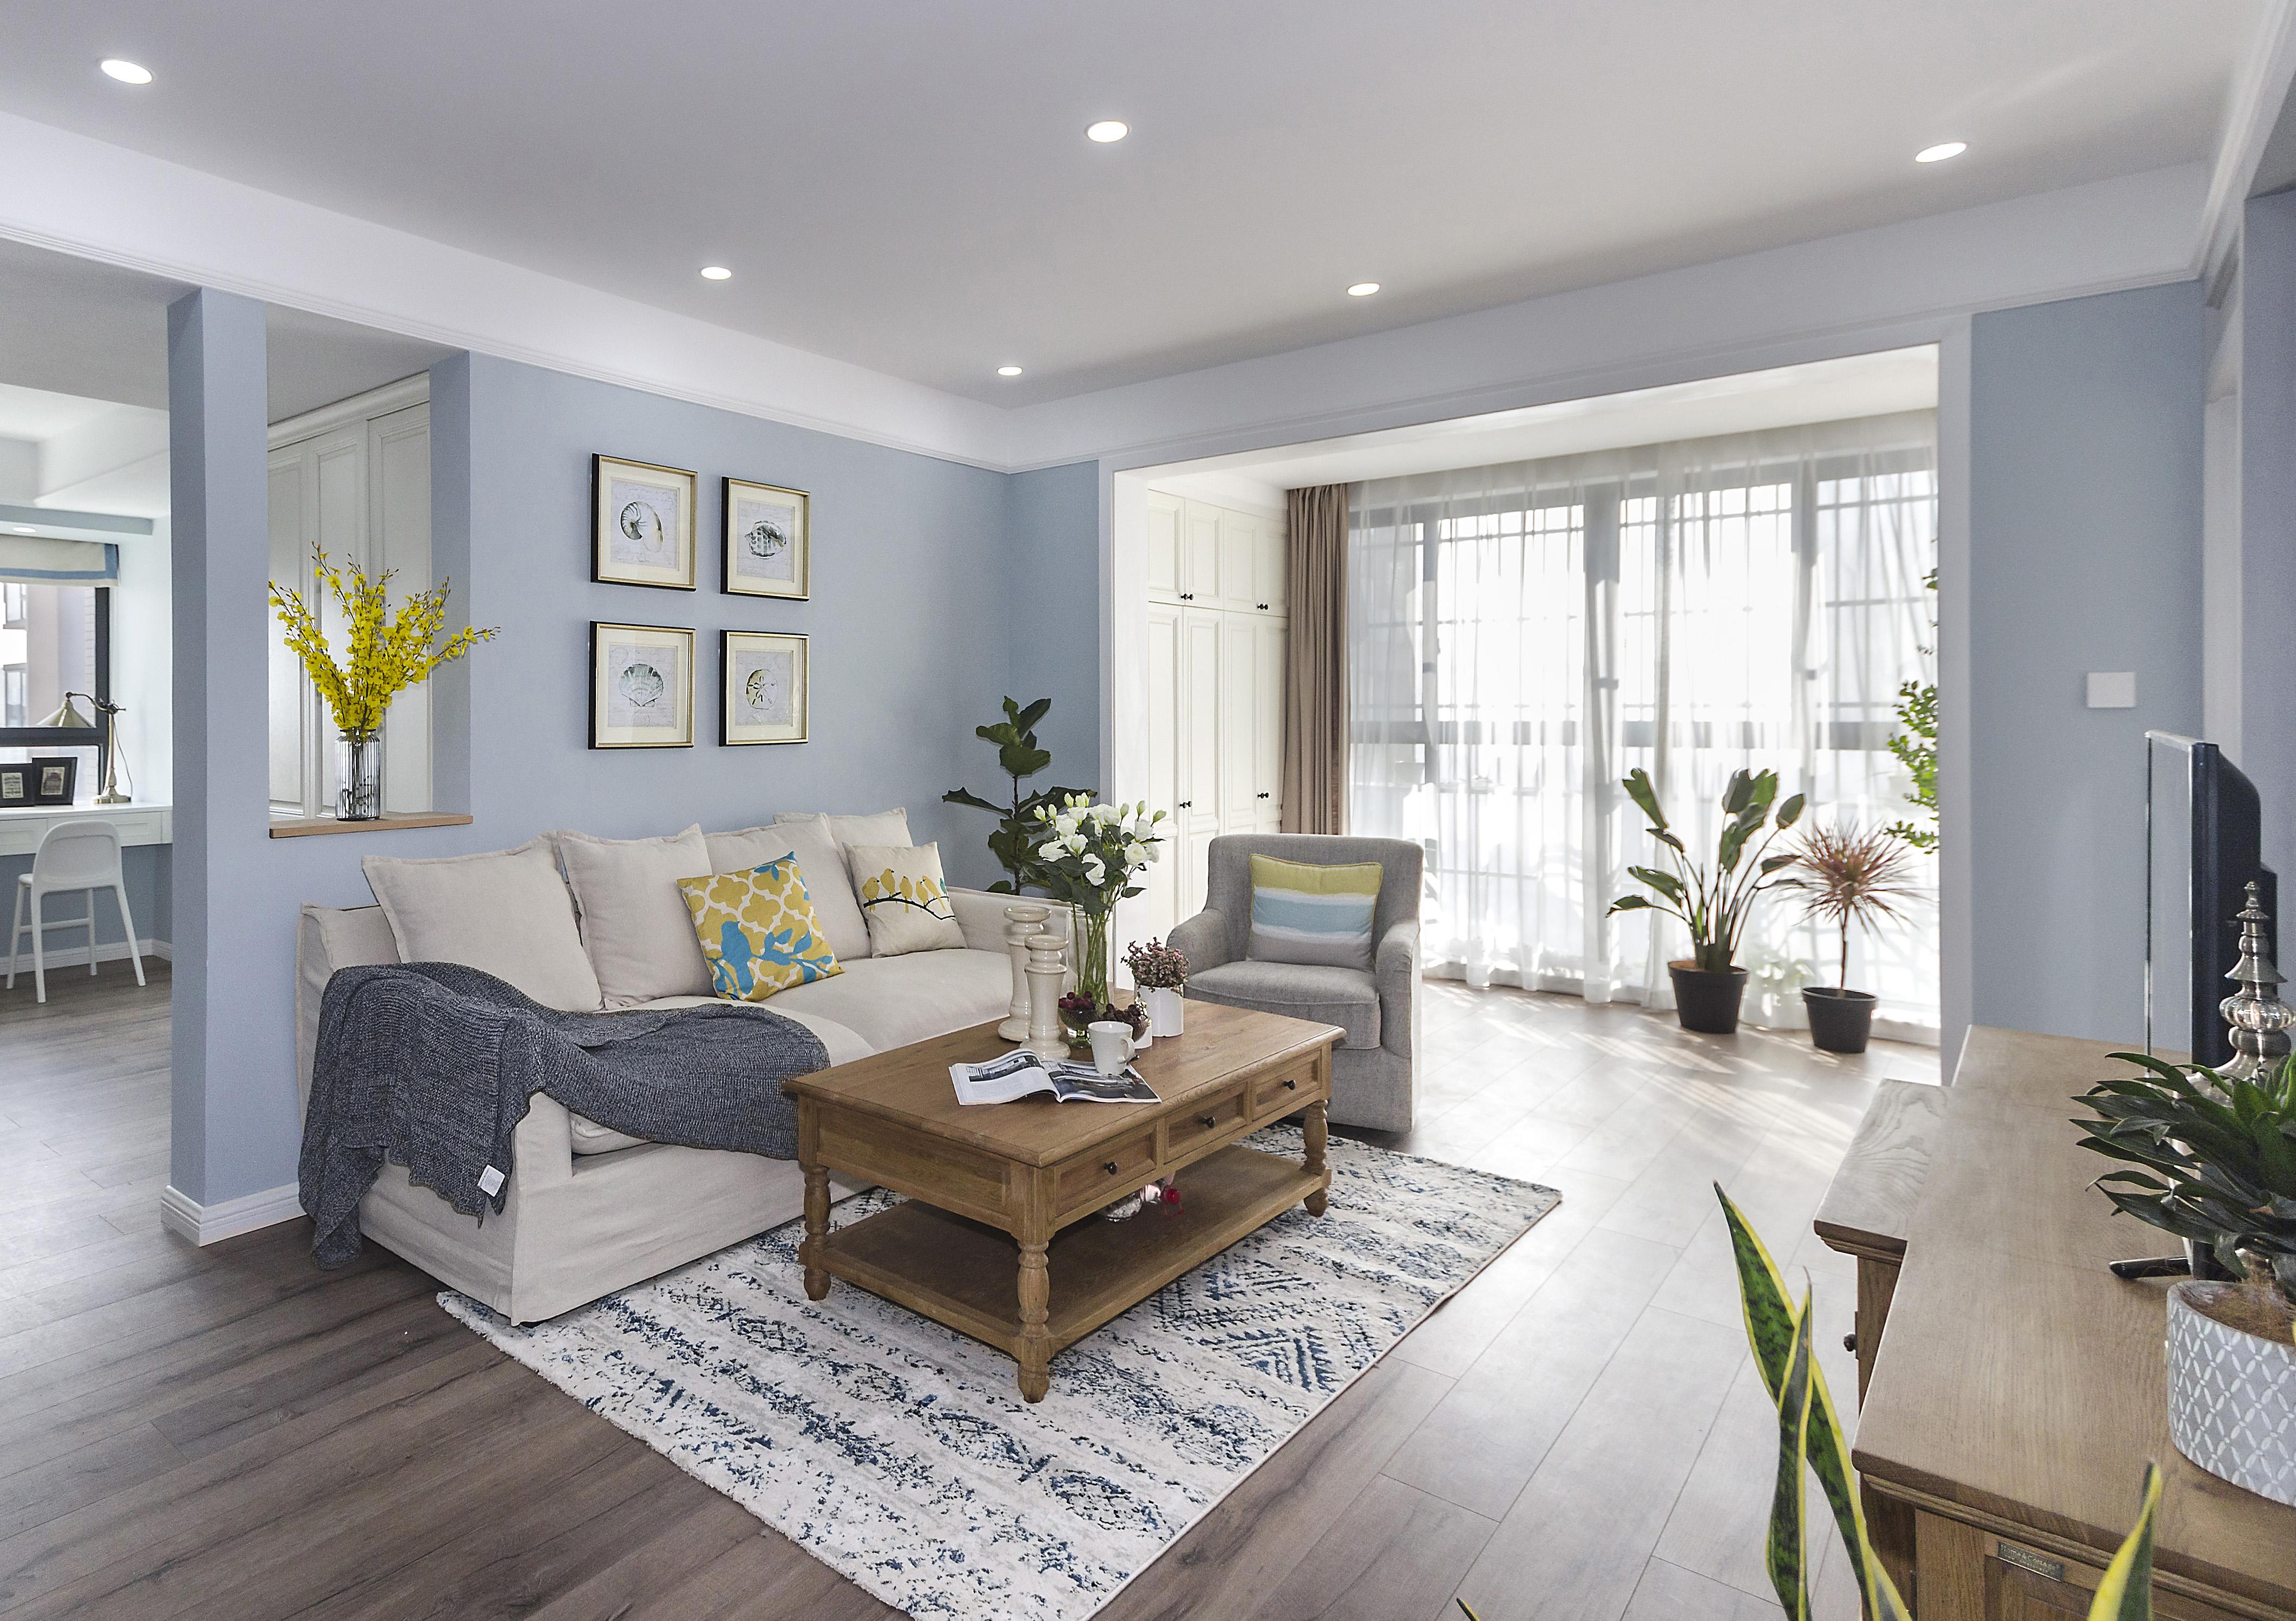 欧式风格艺术沙发背景墙装修图片_齐家网装修效果图图片